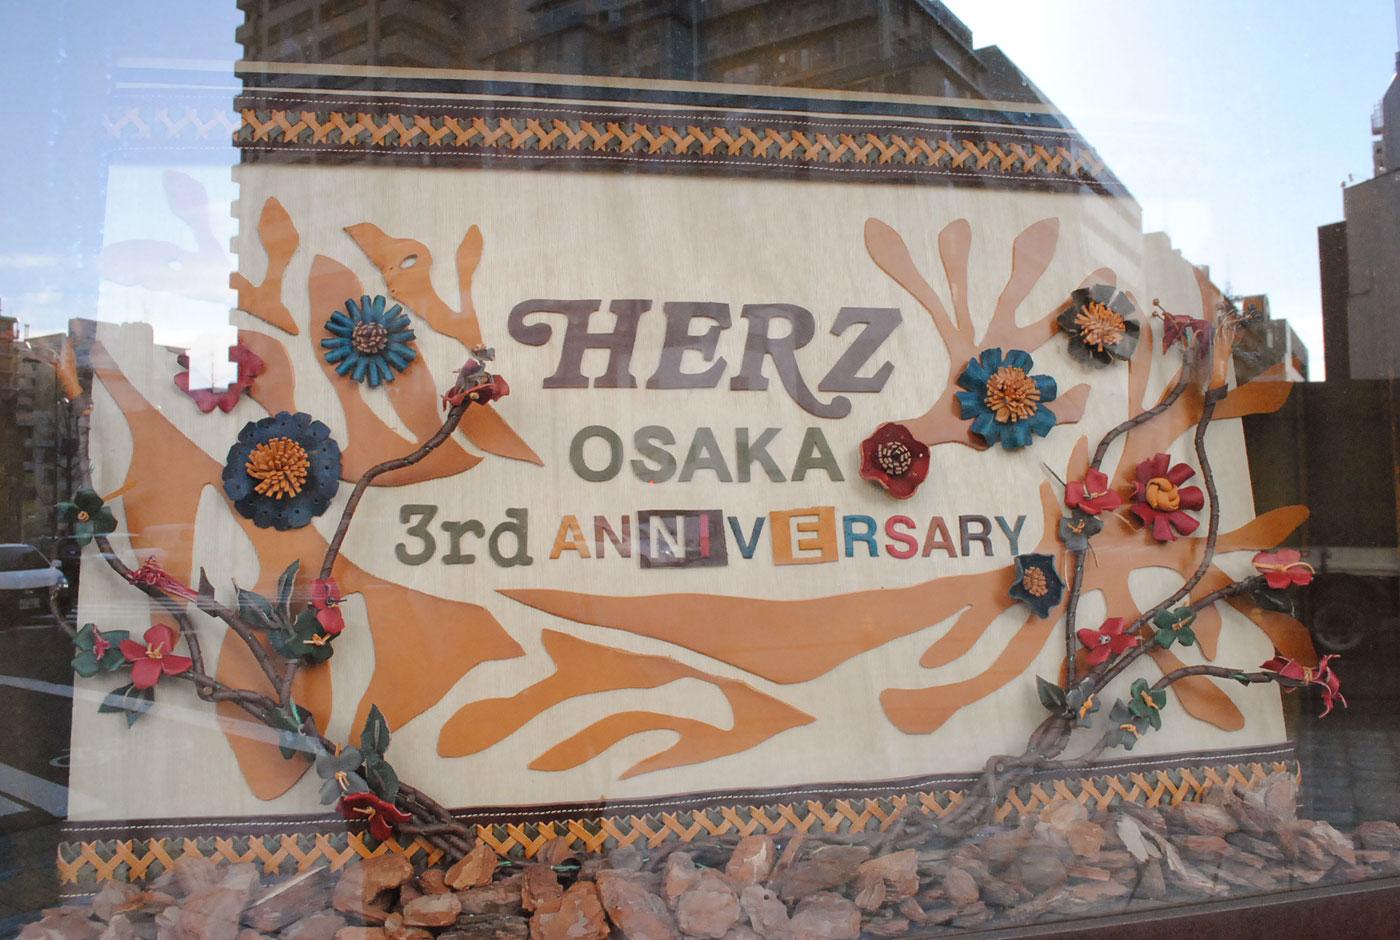 OSAKA 3rd ANNIVERSARY